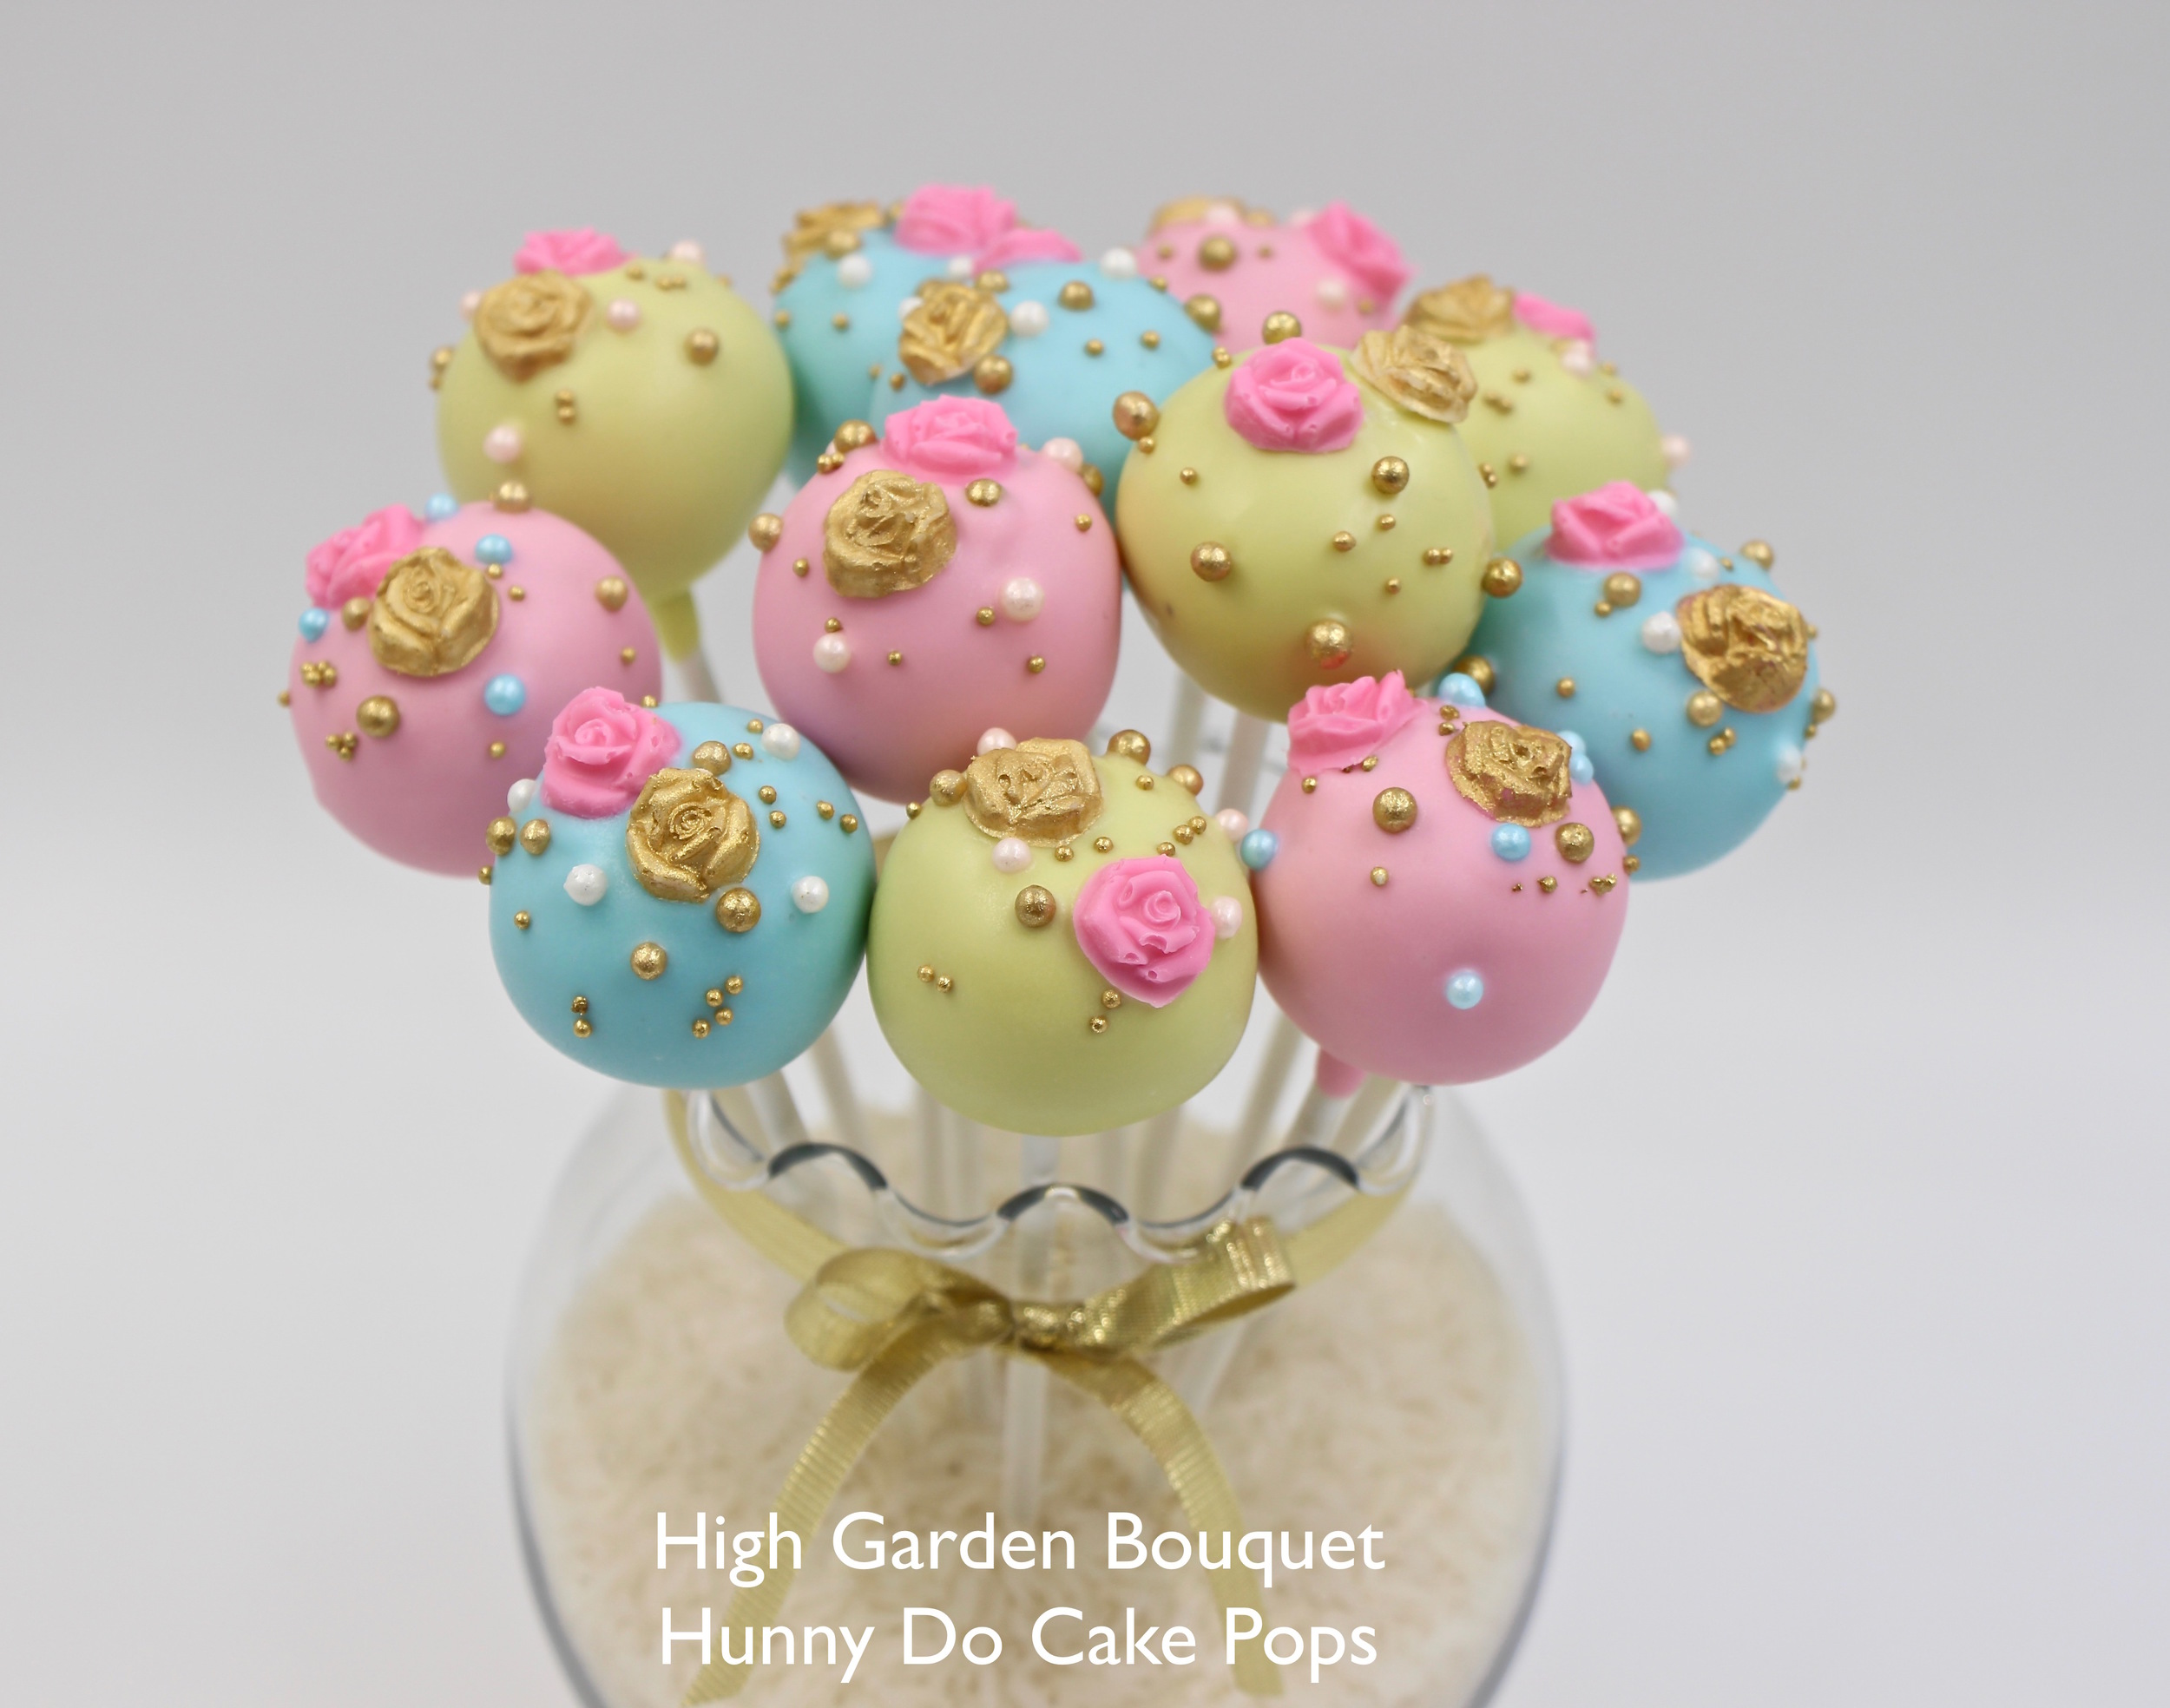 High Garden Cake Pops Hunny Do Cake Pops